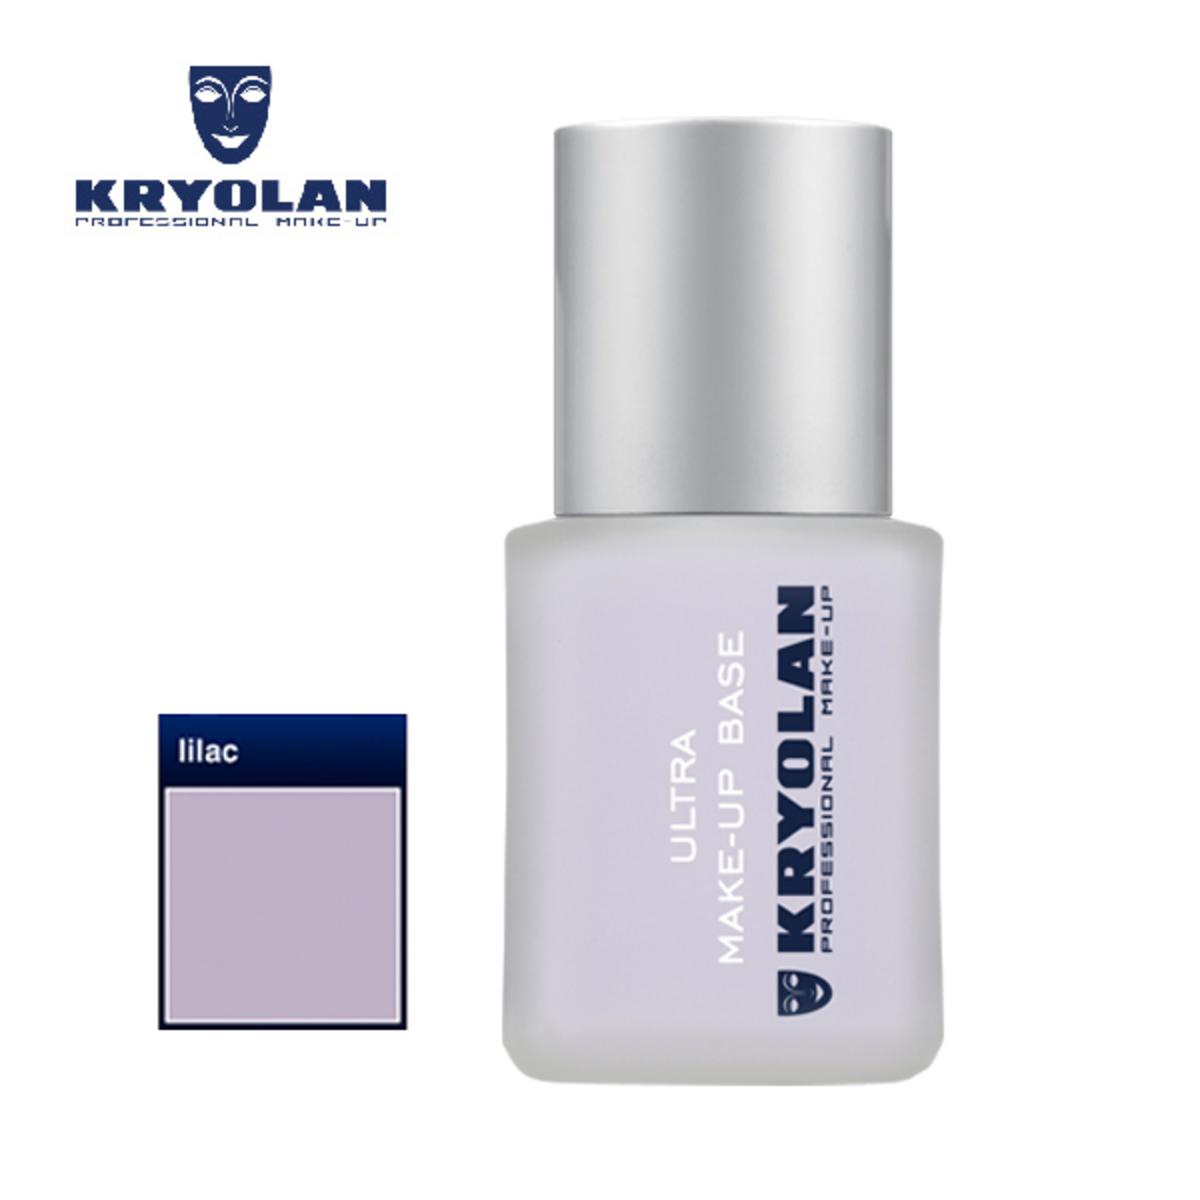 Ultra Make-up Base - #Lilac 30ml - (Authorised Goods)